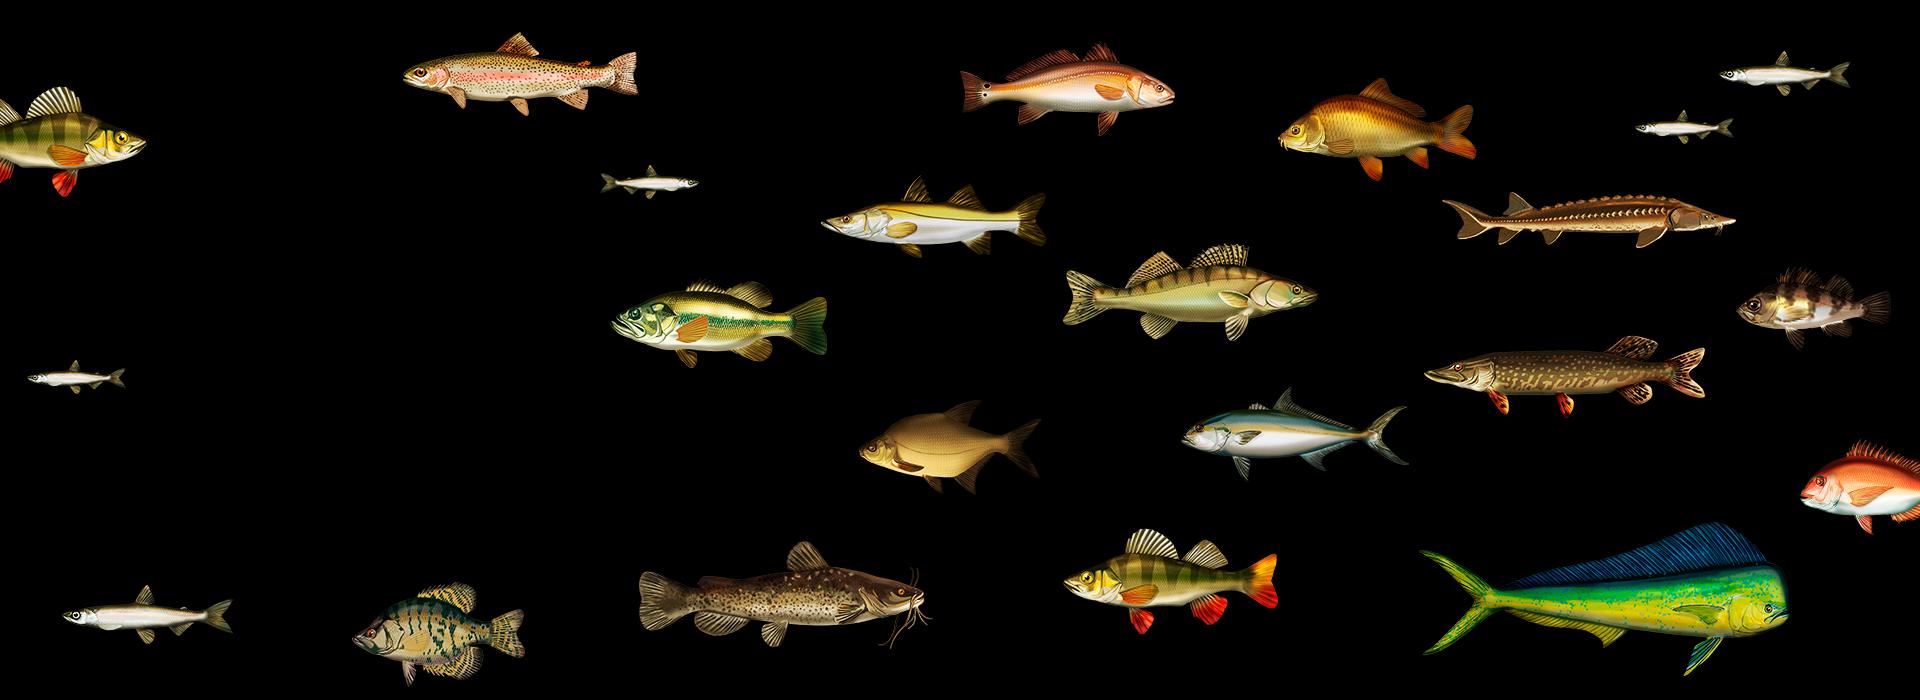 Püüa ühe sonariabil kõiki kaluKalasta Deeperiga!